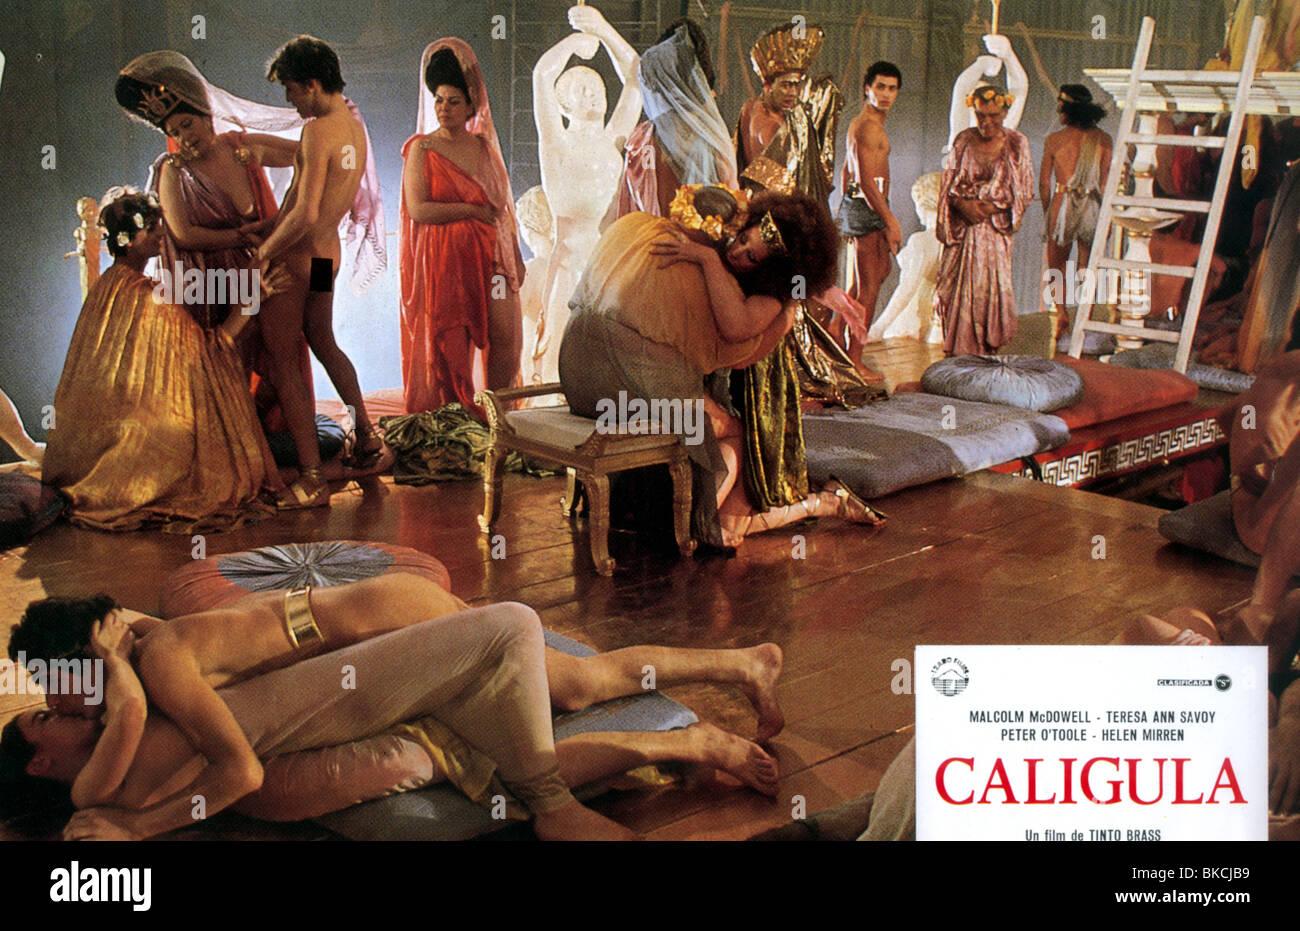 CALIGULA -1980 Photo Stock